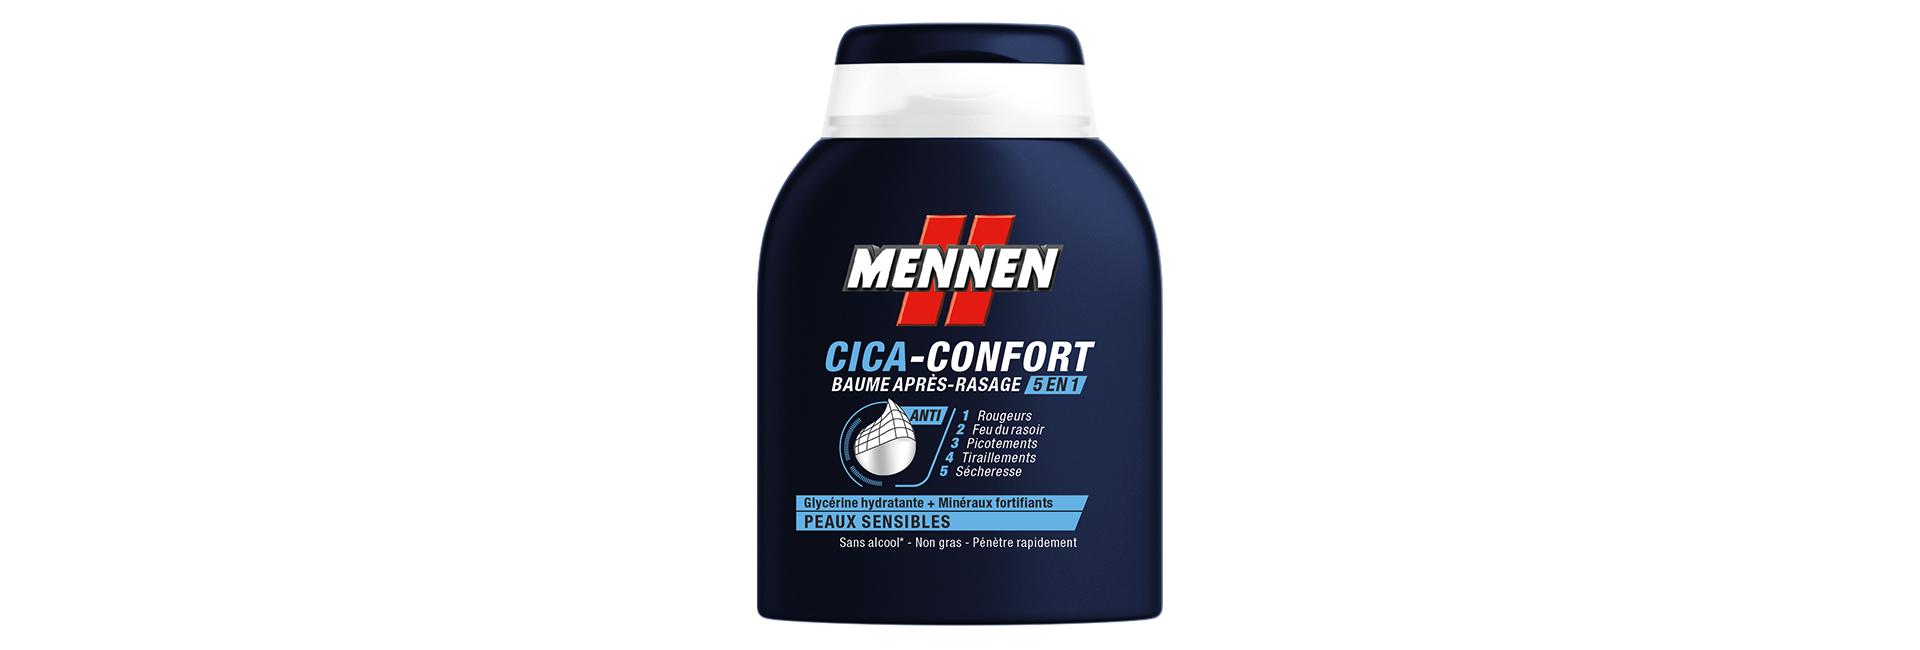 mennen-cica-confort-baume-apres-rasage-blog-beaute-soin-parfum-homme